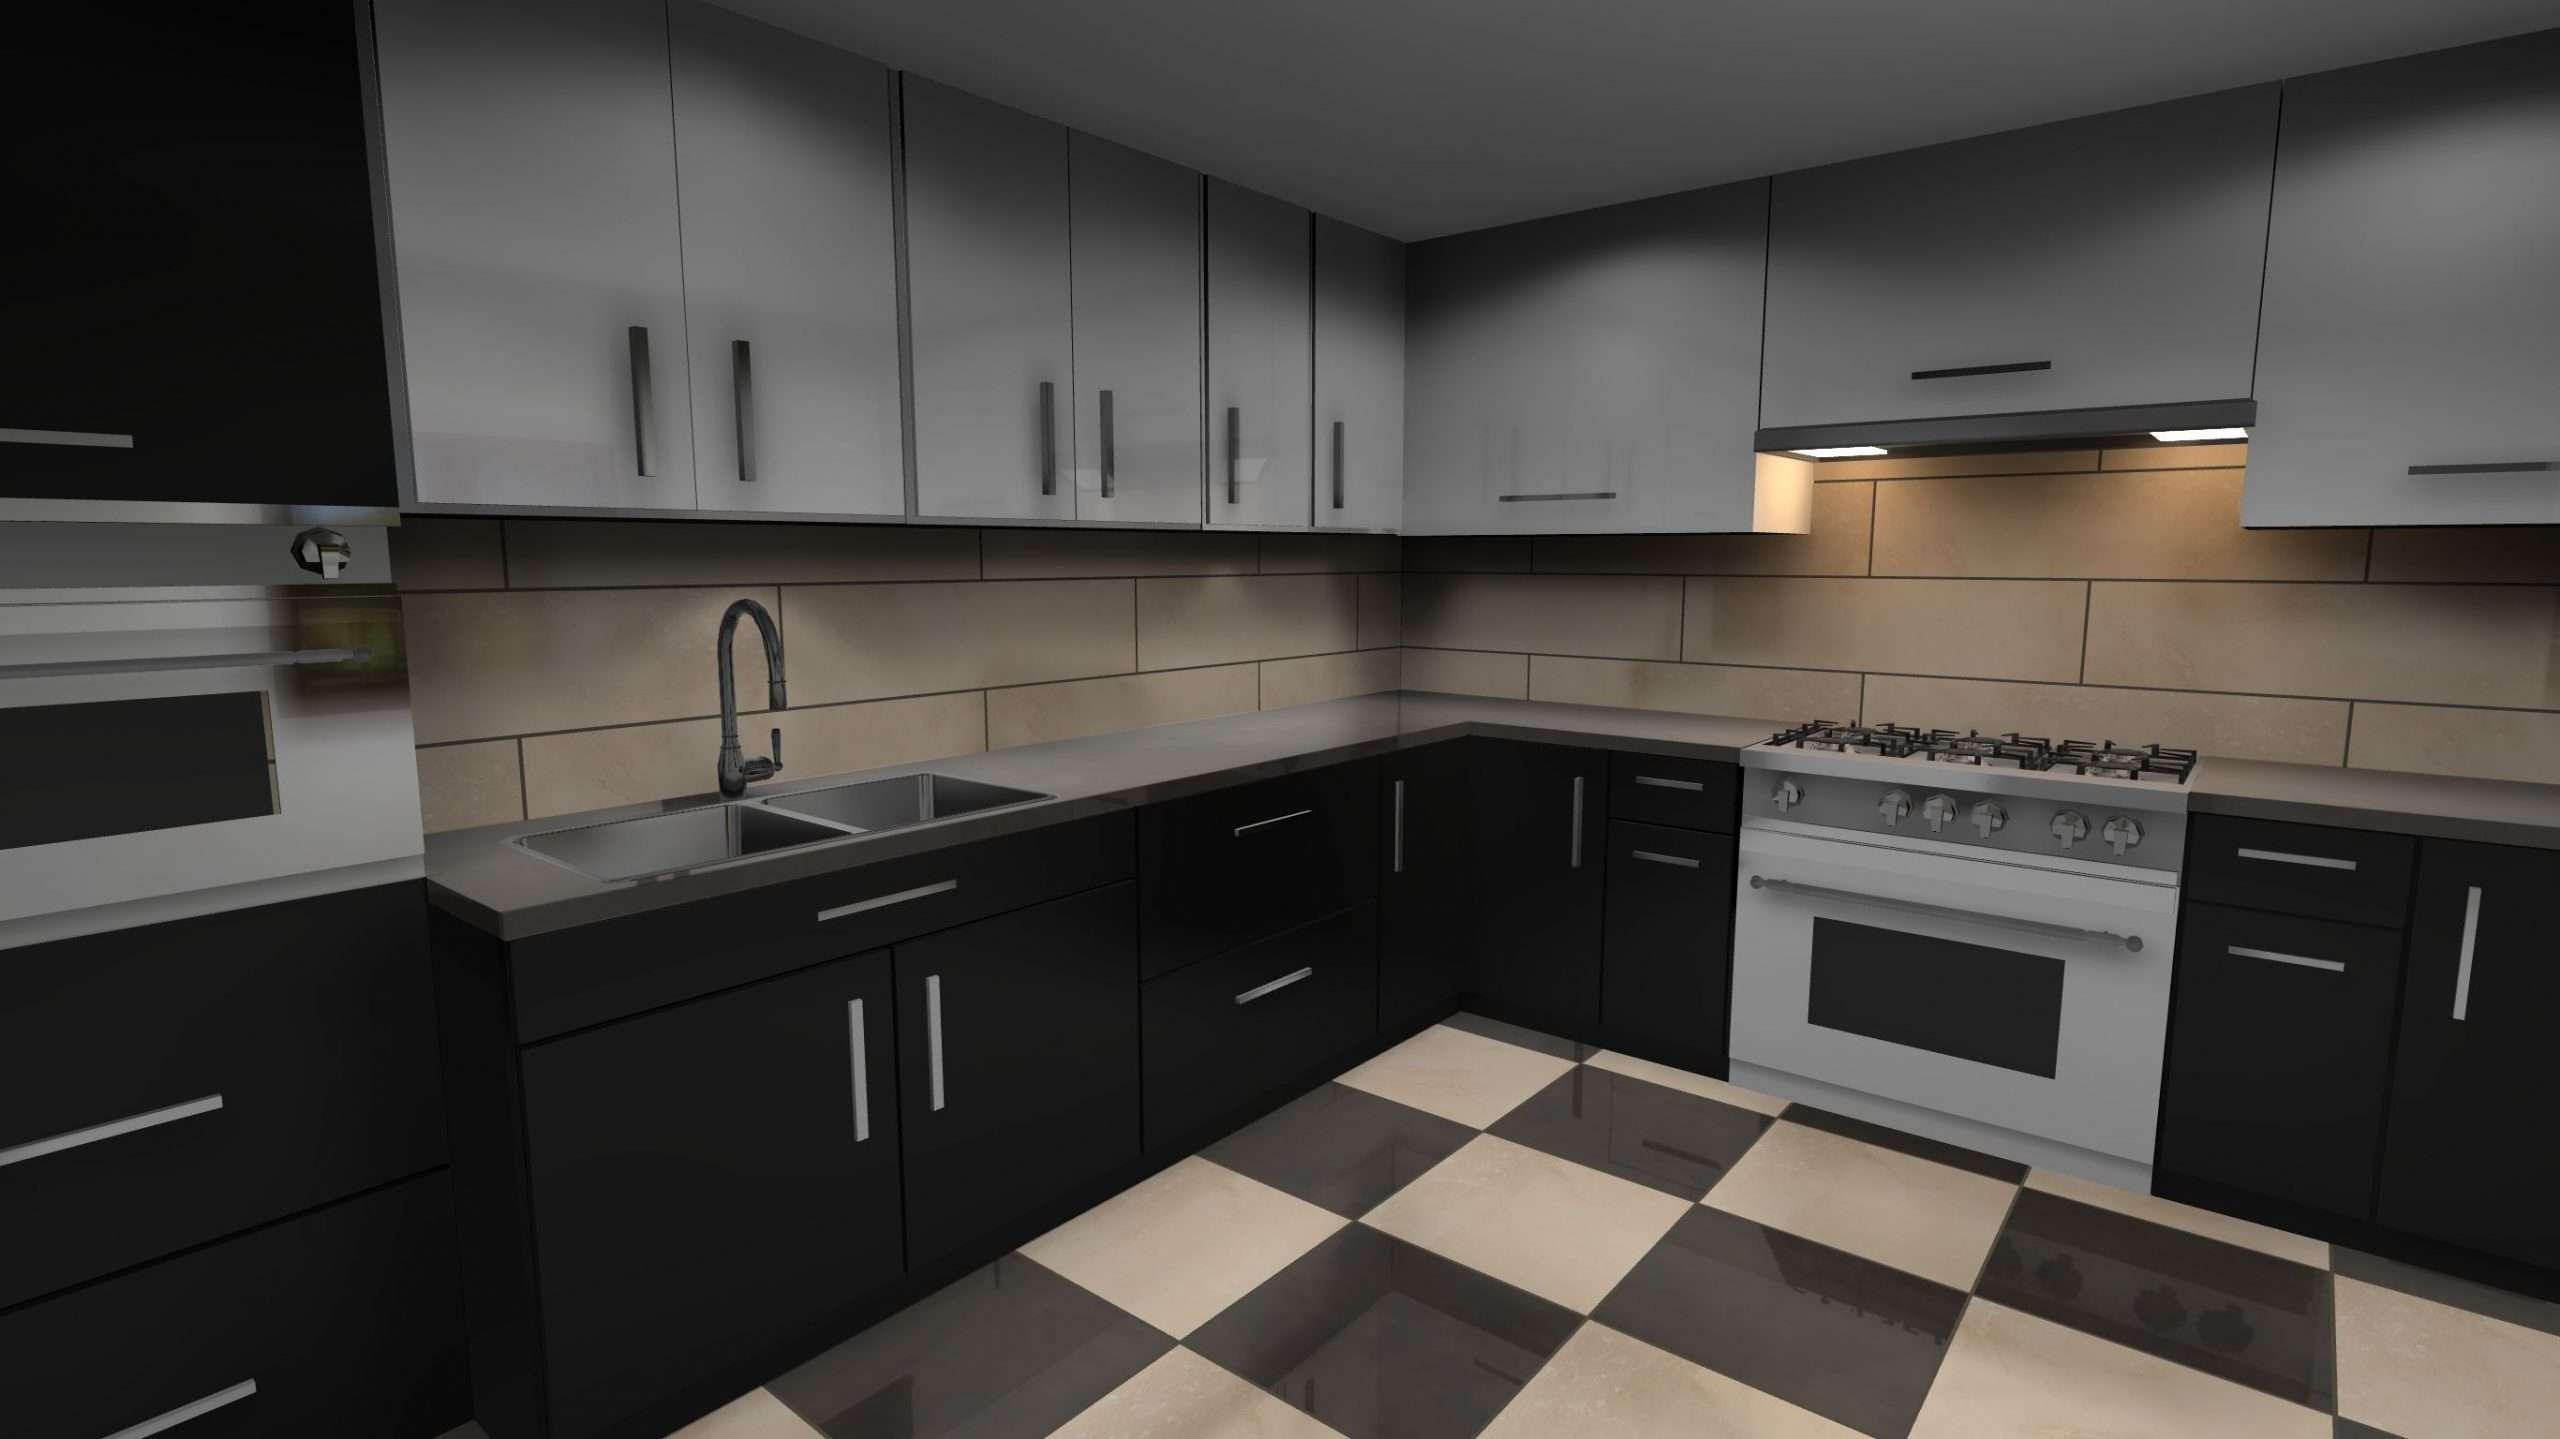 Tile Concept Visualizer